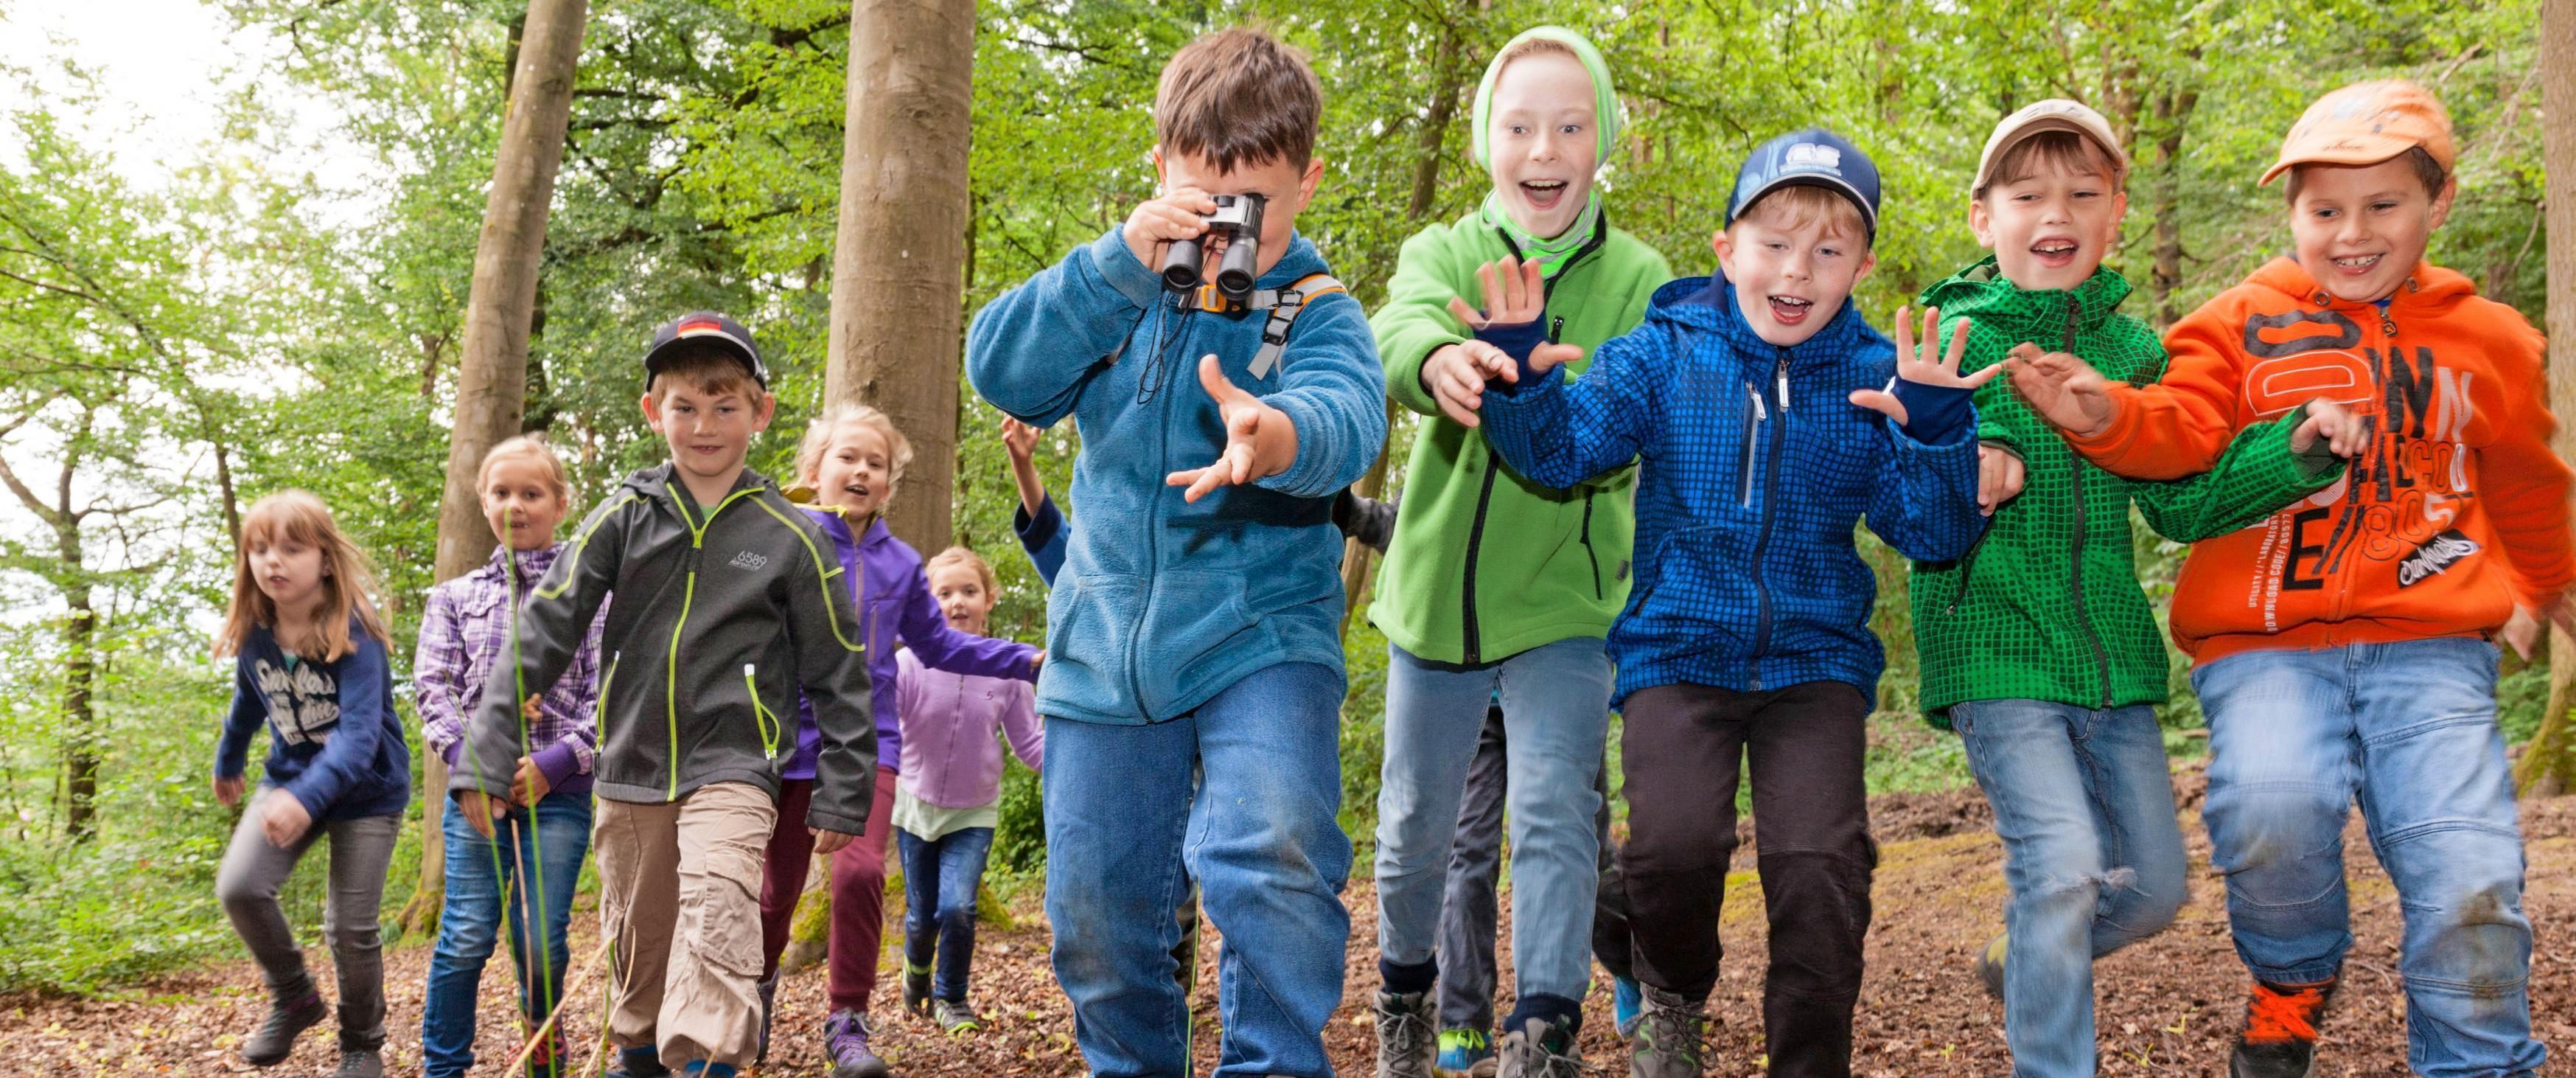 Im Naturpark gibt's immer was zu entdecken. Viele Veranstaltungen werden speziell für Kinder angeboten.Foto: djd/Thomas Rathay